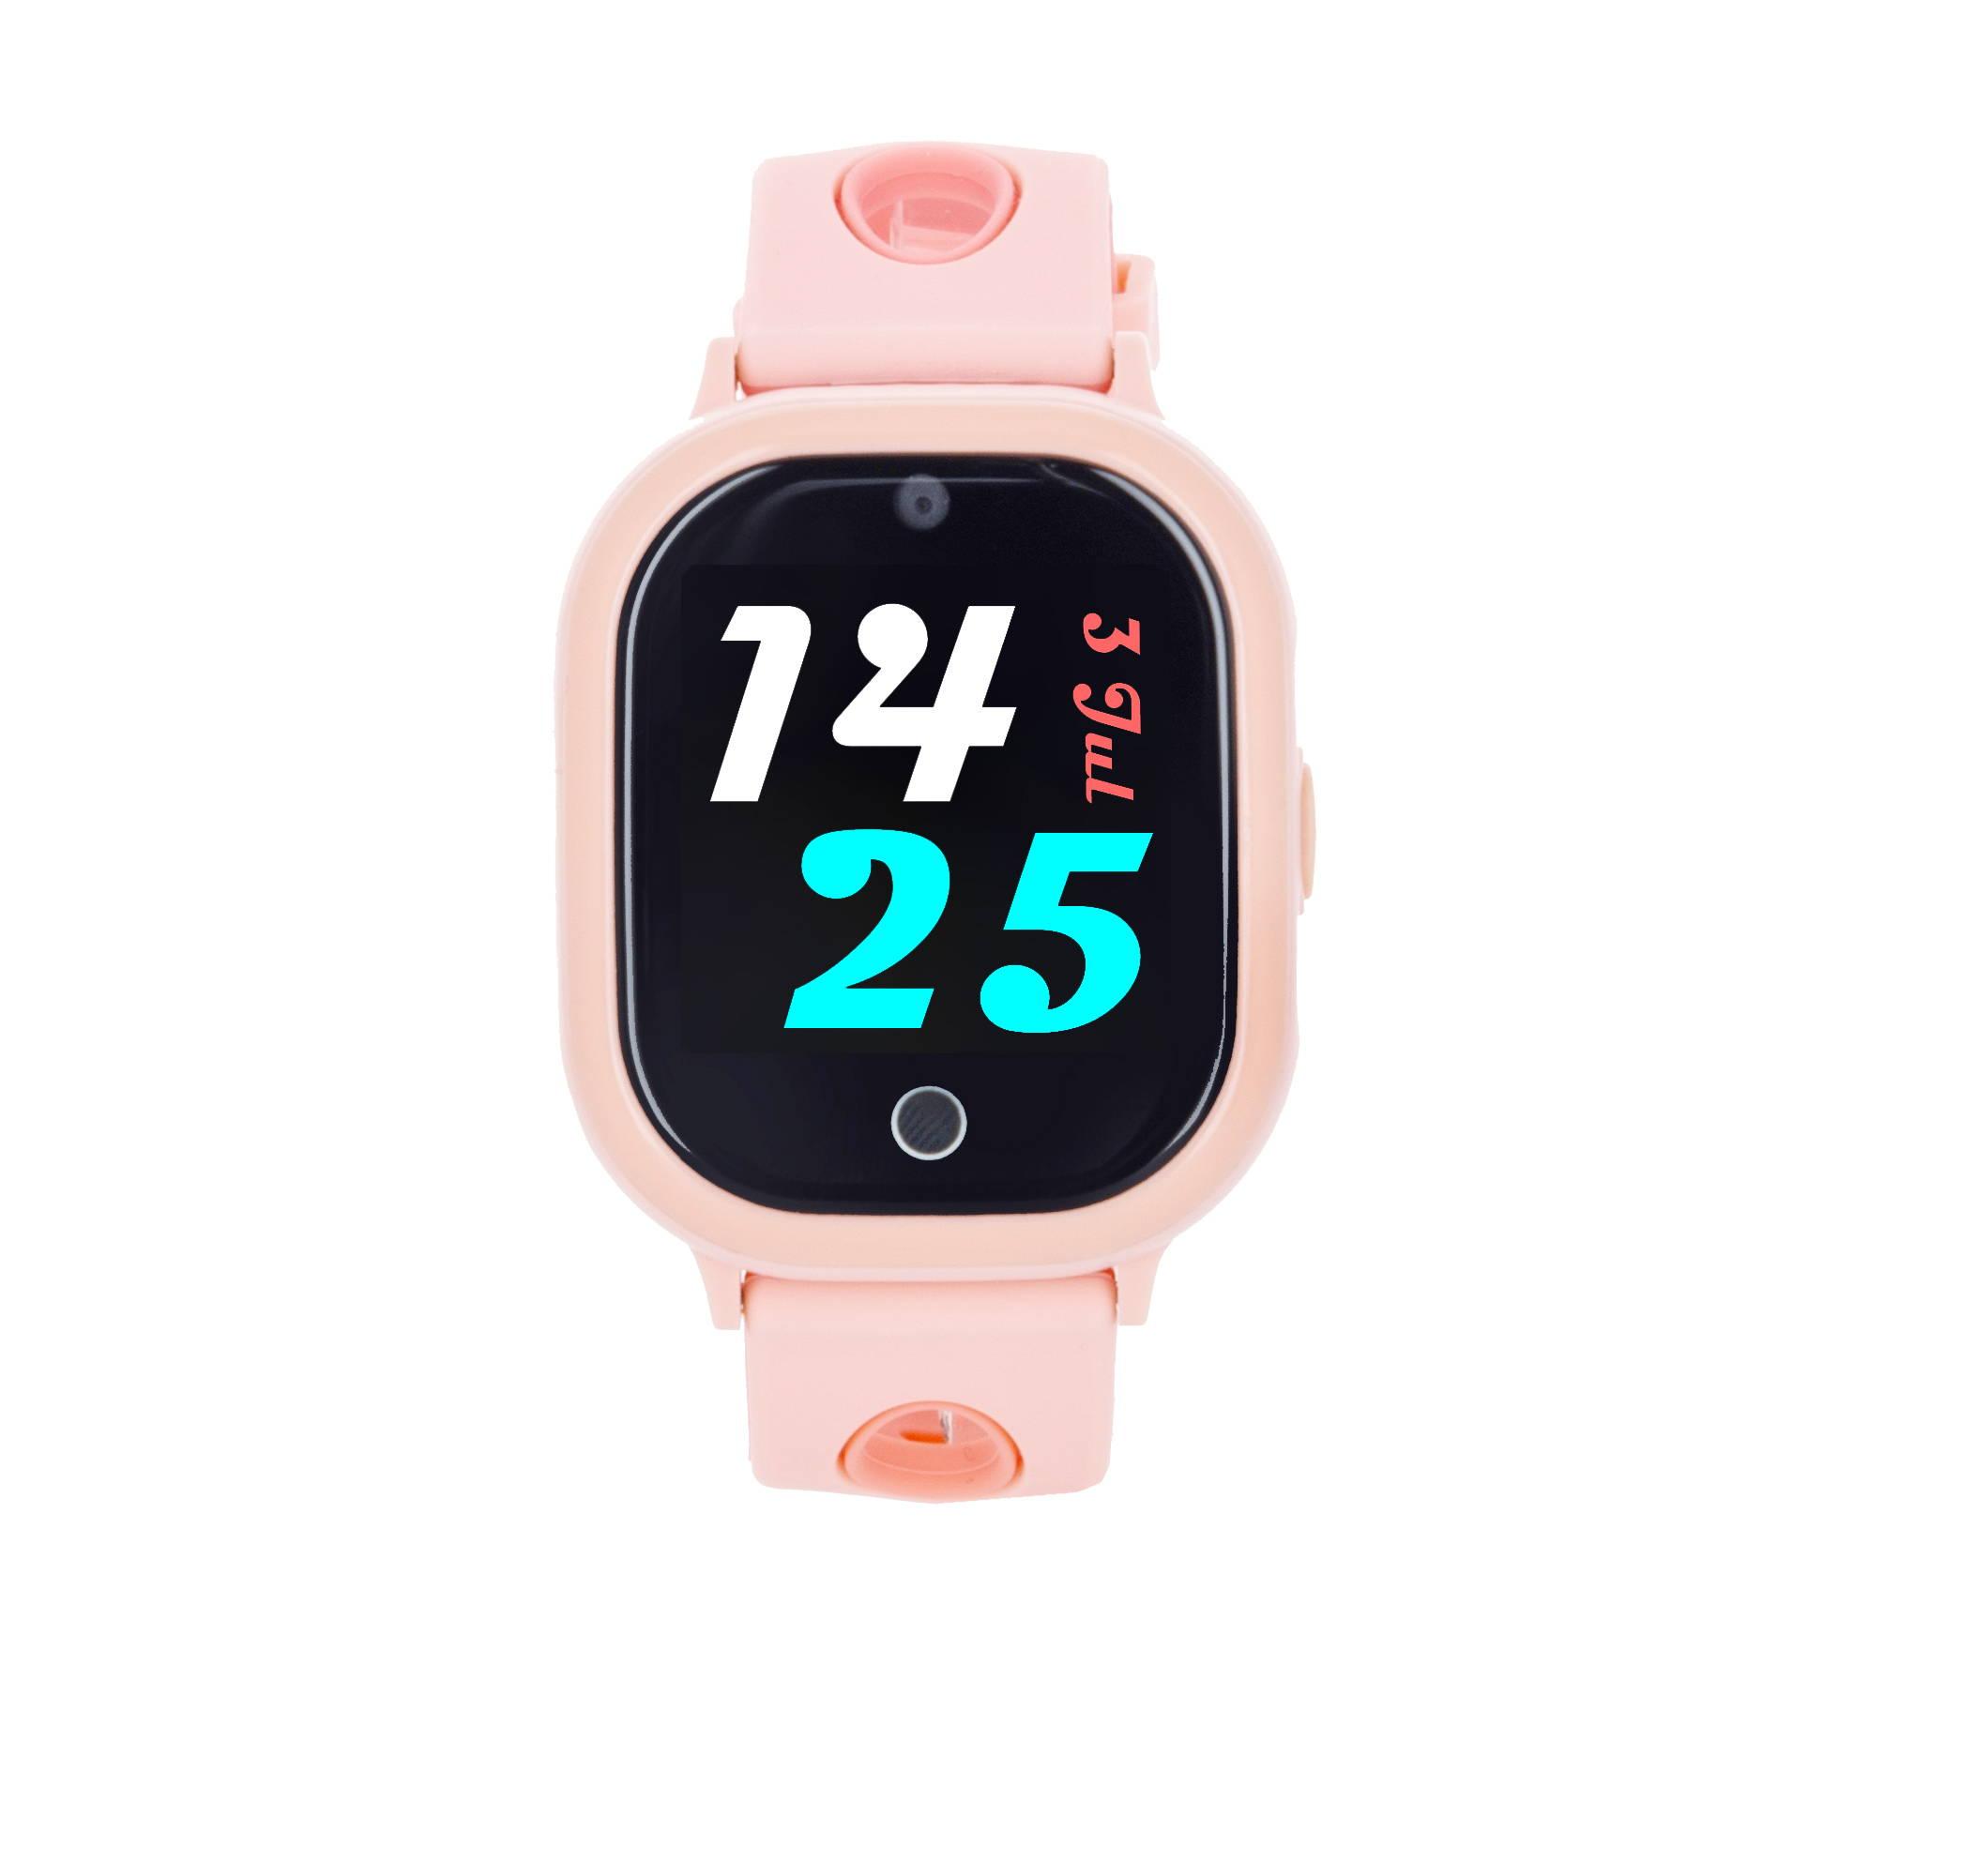 Reloj inteligente con gps para niño